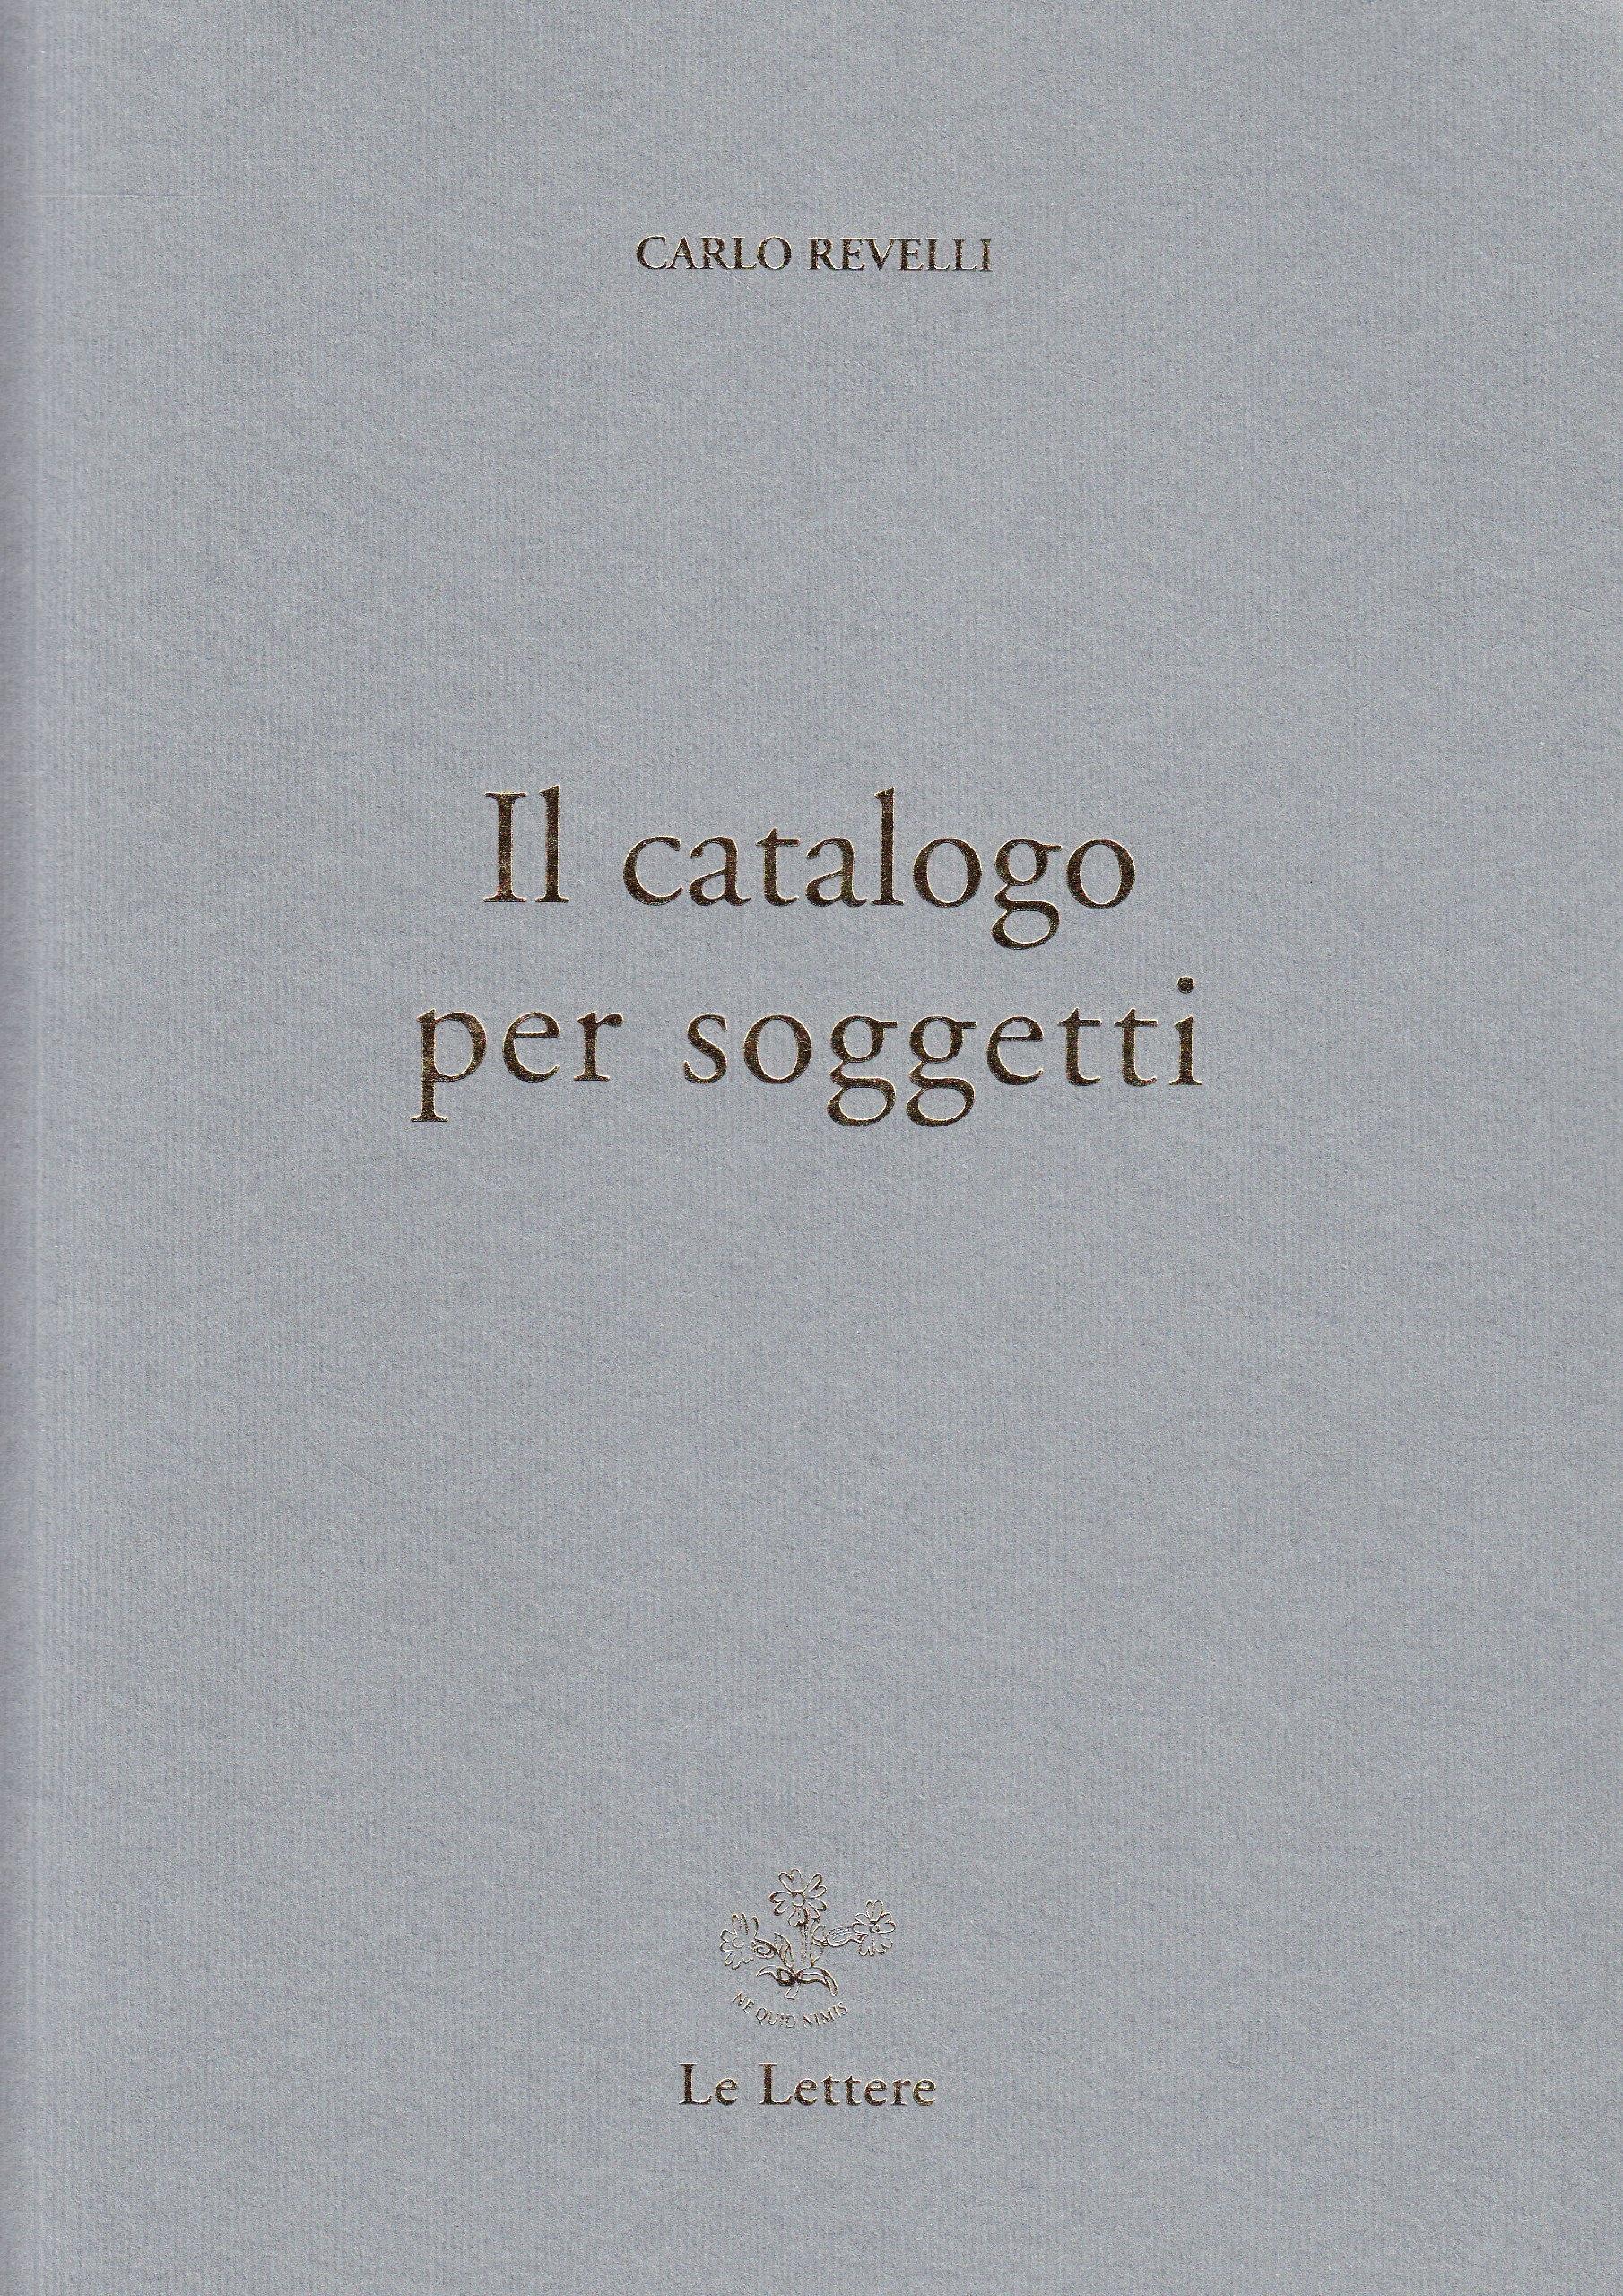 Il catalogo per soggetti